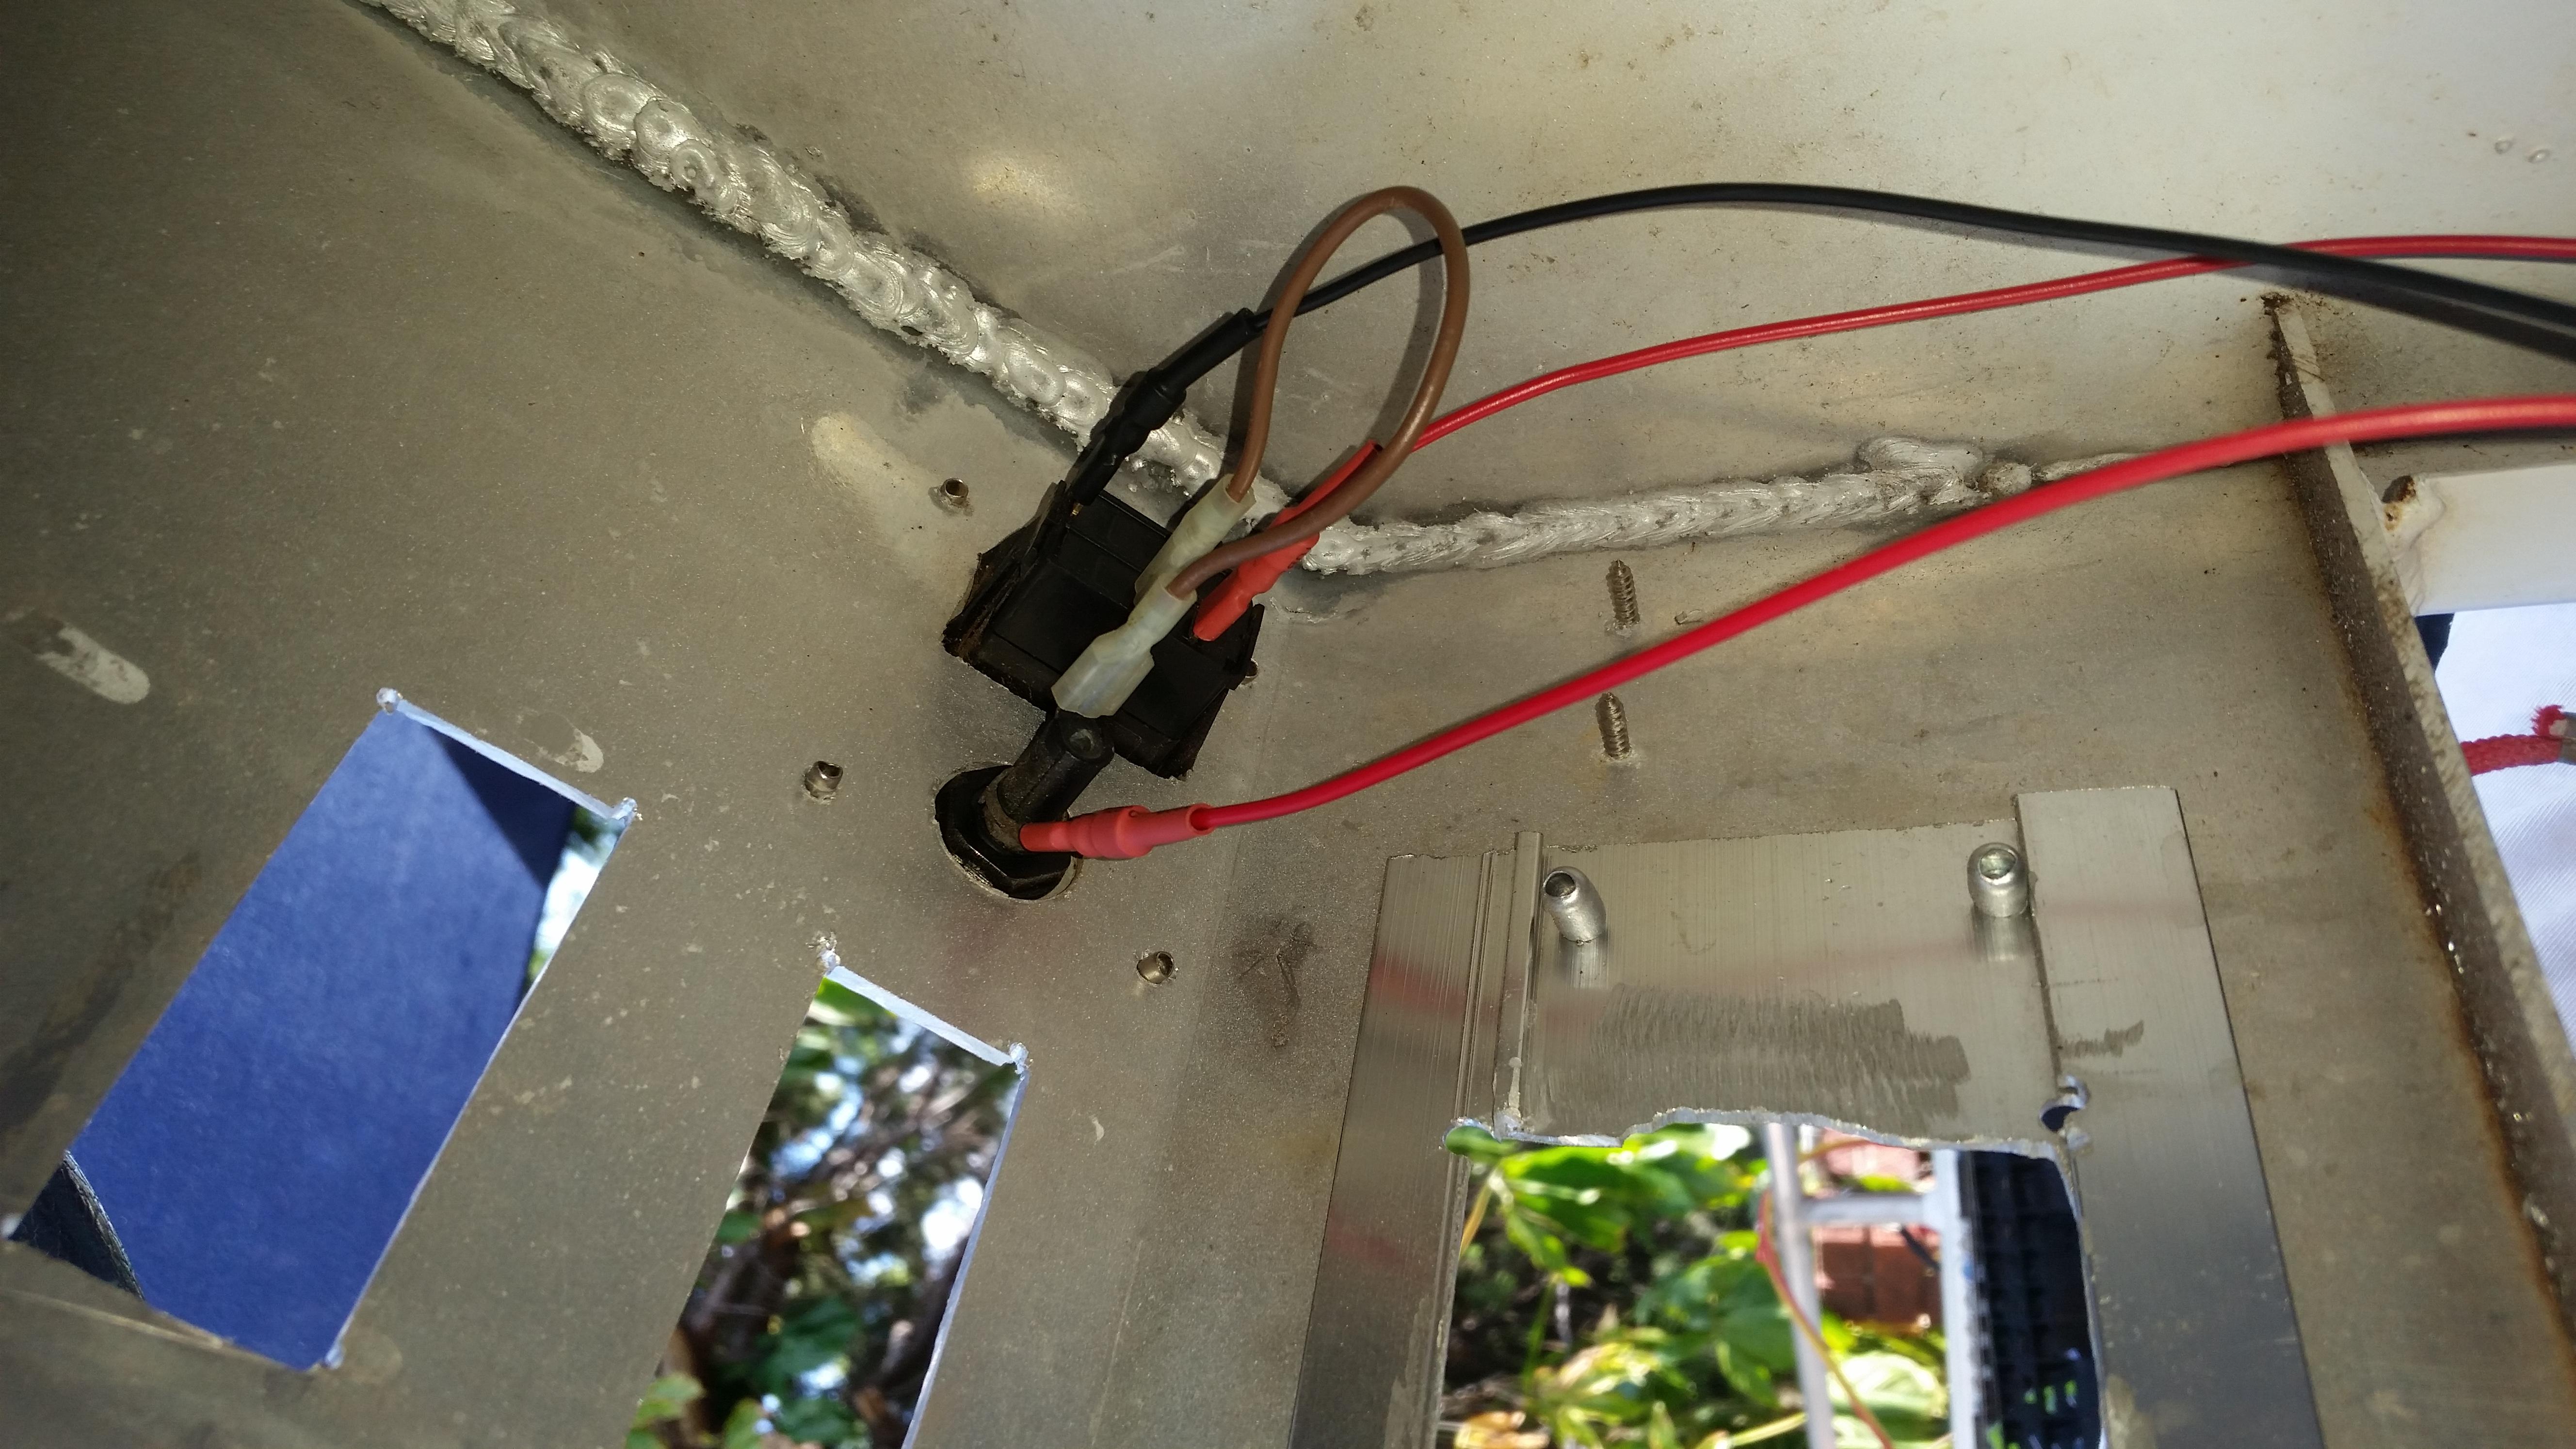 washdown pump wiring diagram simple hydraulic pump wiring diagram #15